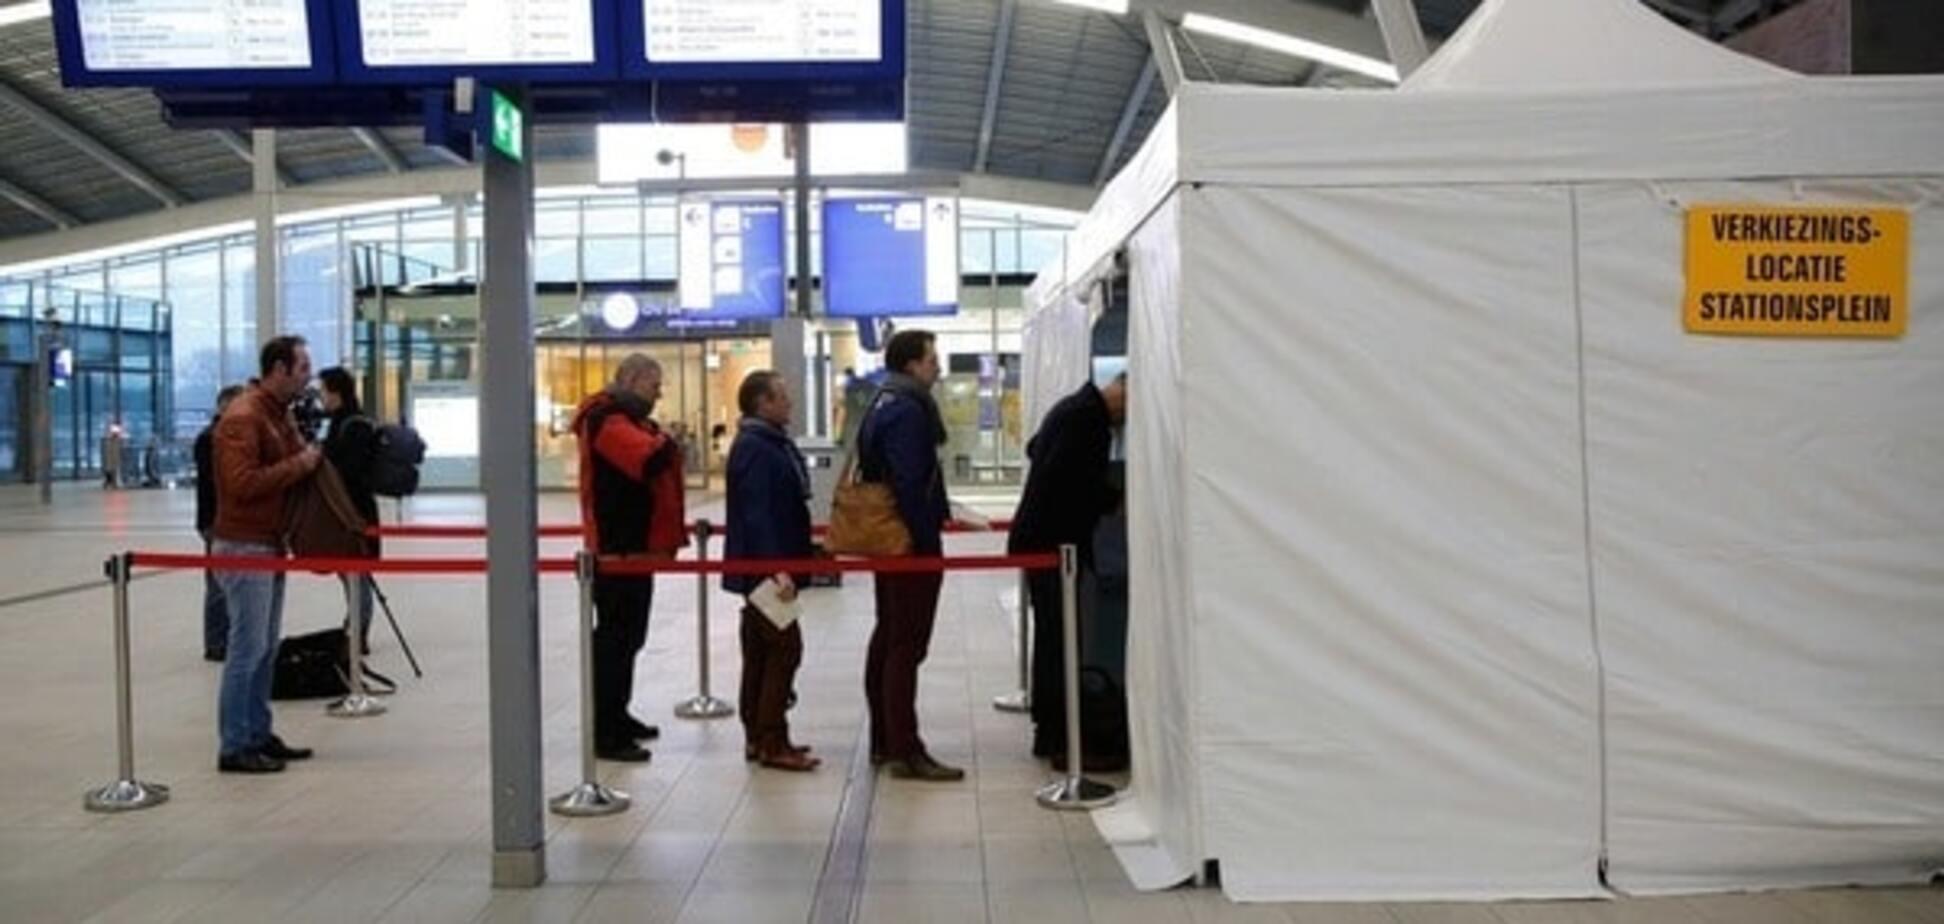 Не торопитесь: Бильдт усомнился в легитимности референдума в Нидерландах